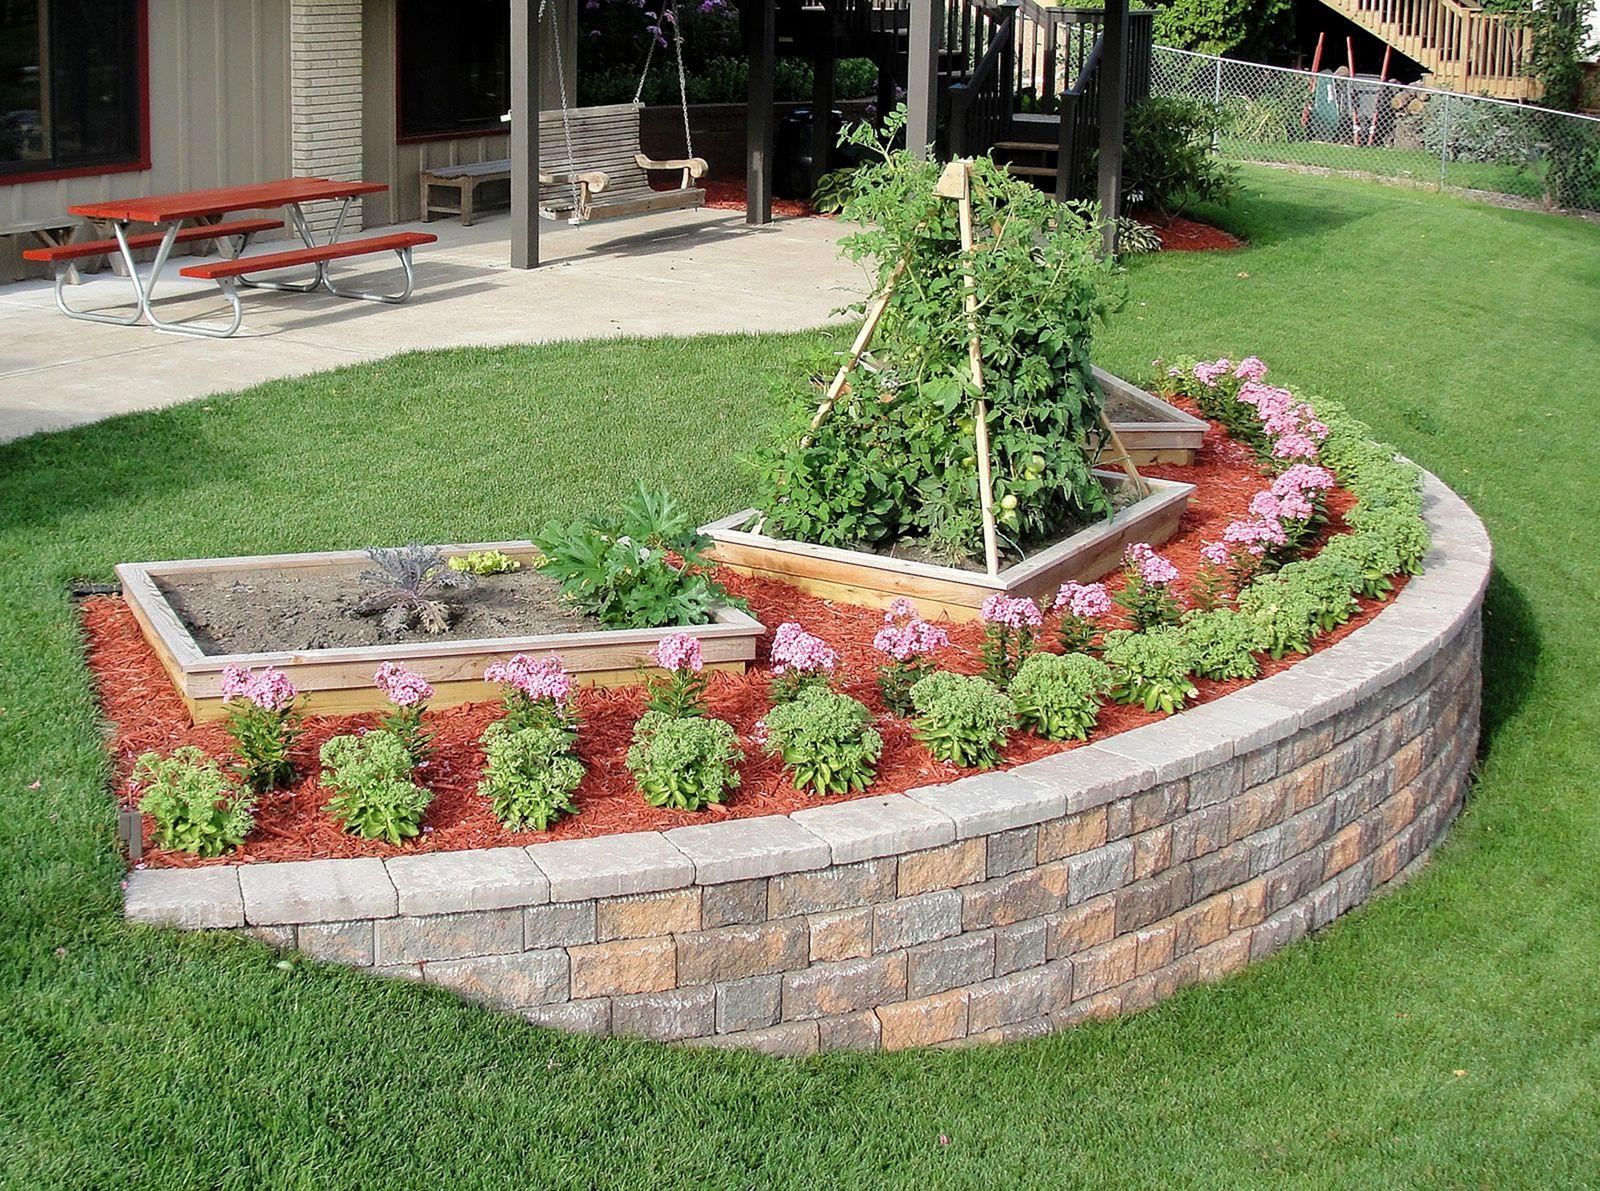 Vegetable Garden DIY Projects